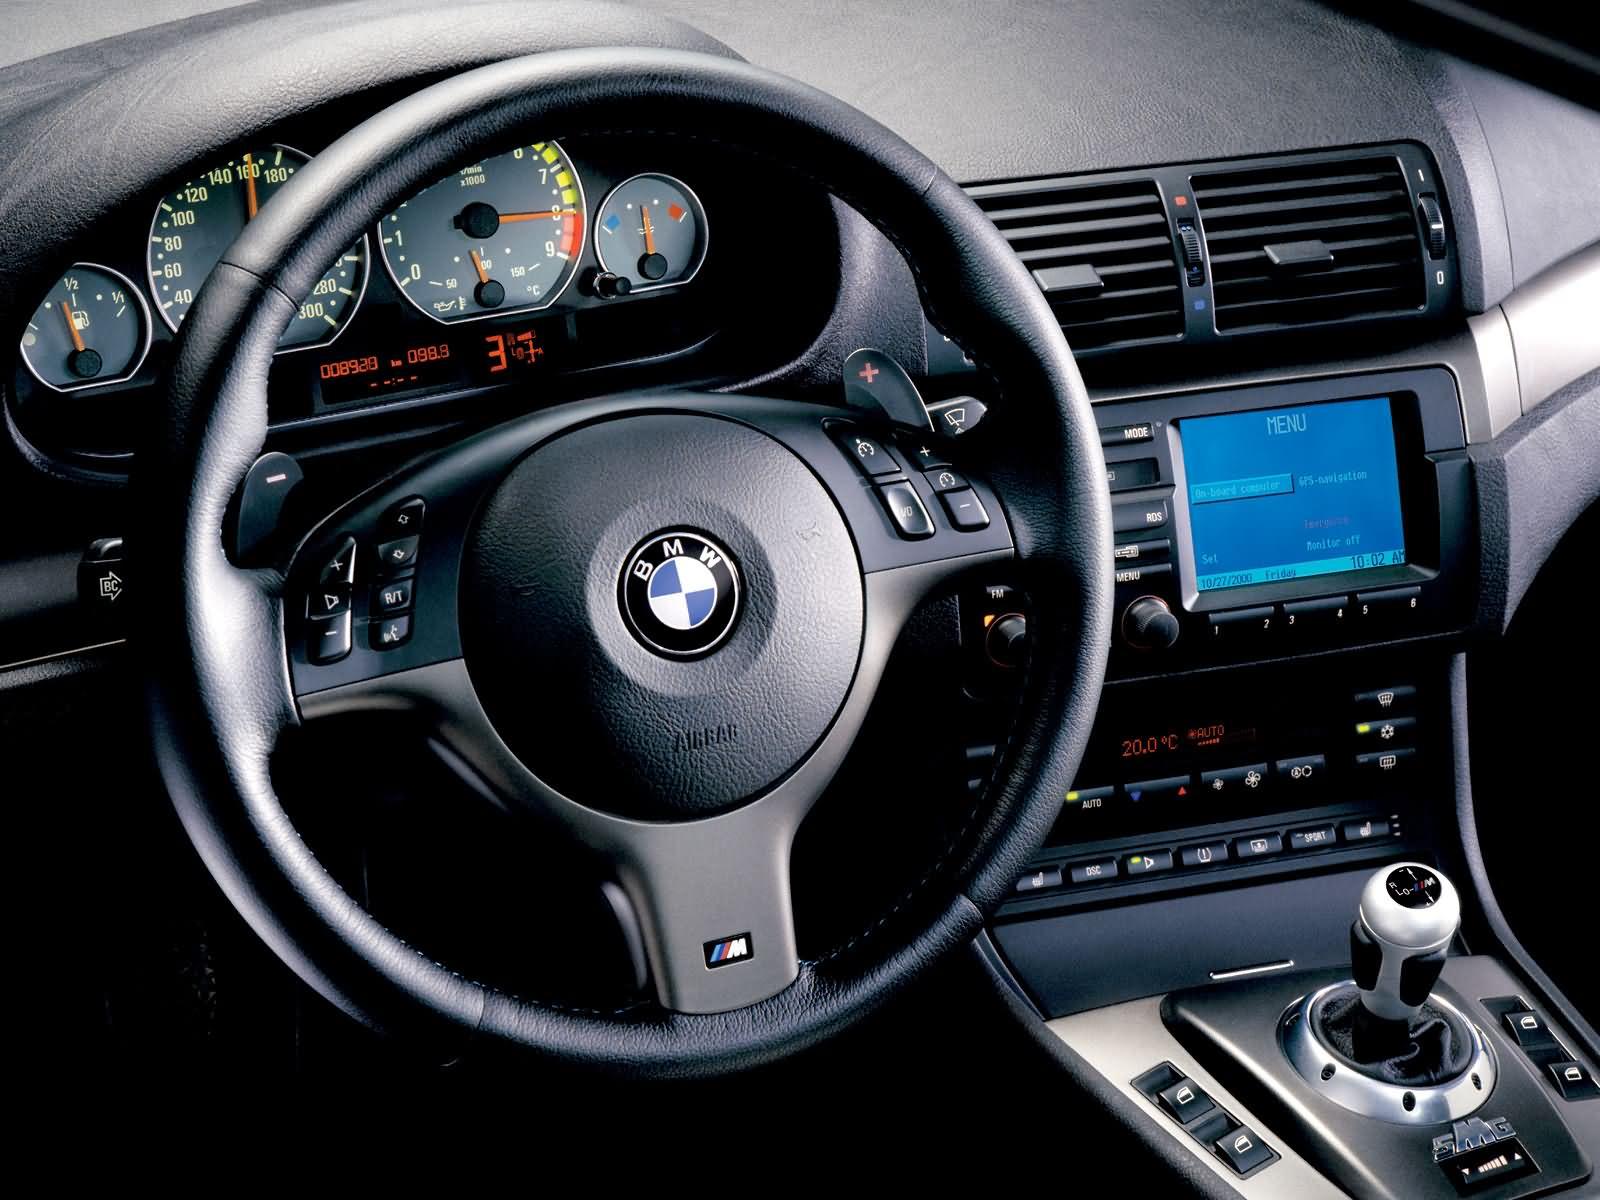 Boite-sequentielle-BMW-SMG-3.jpg